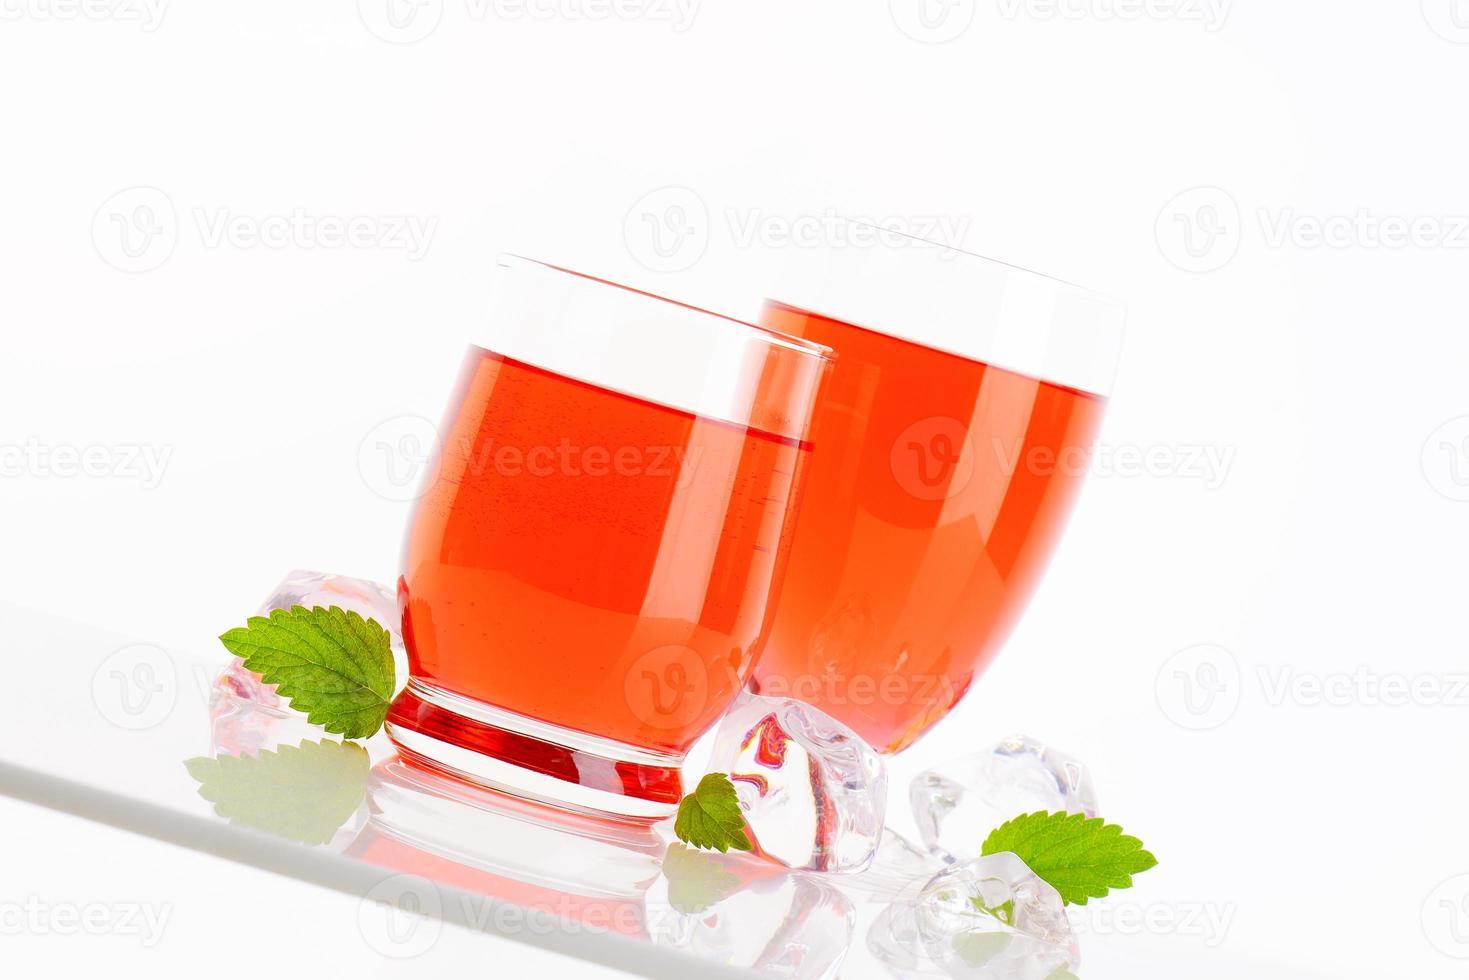 glas frukt smaksatt drycker foto